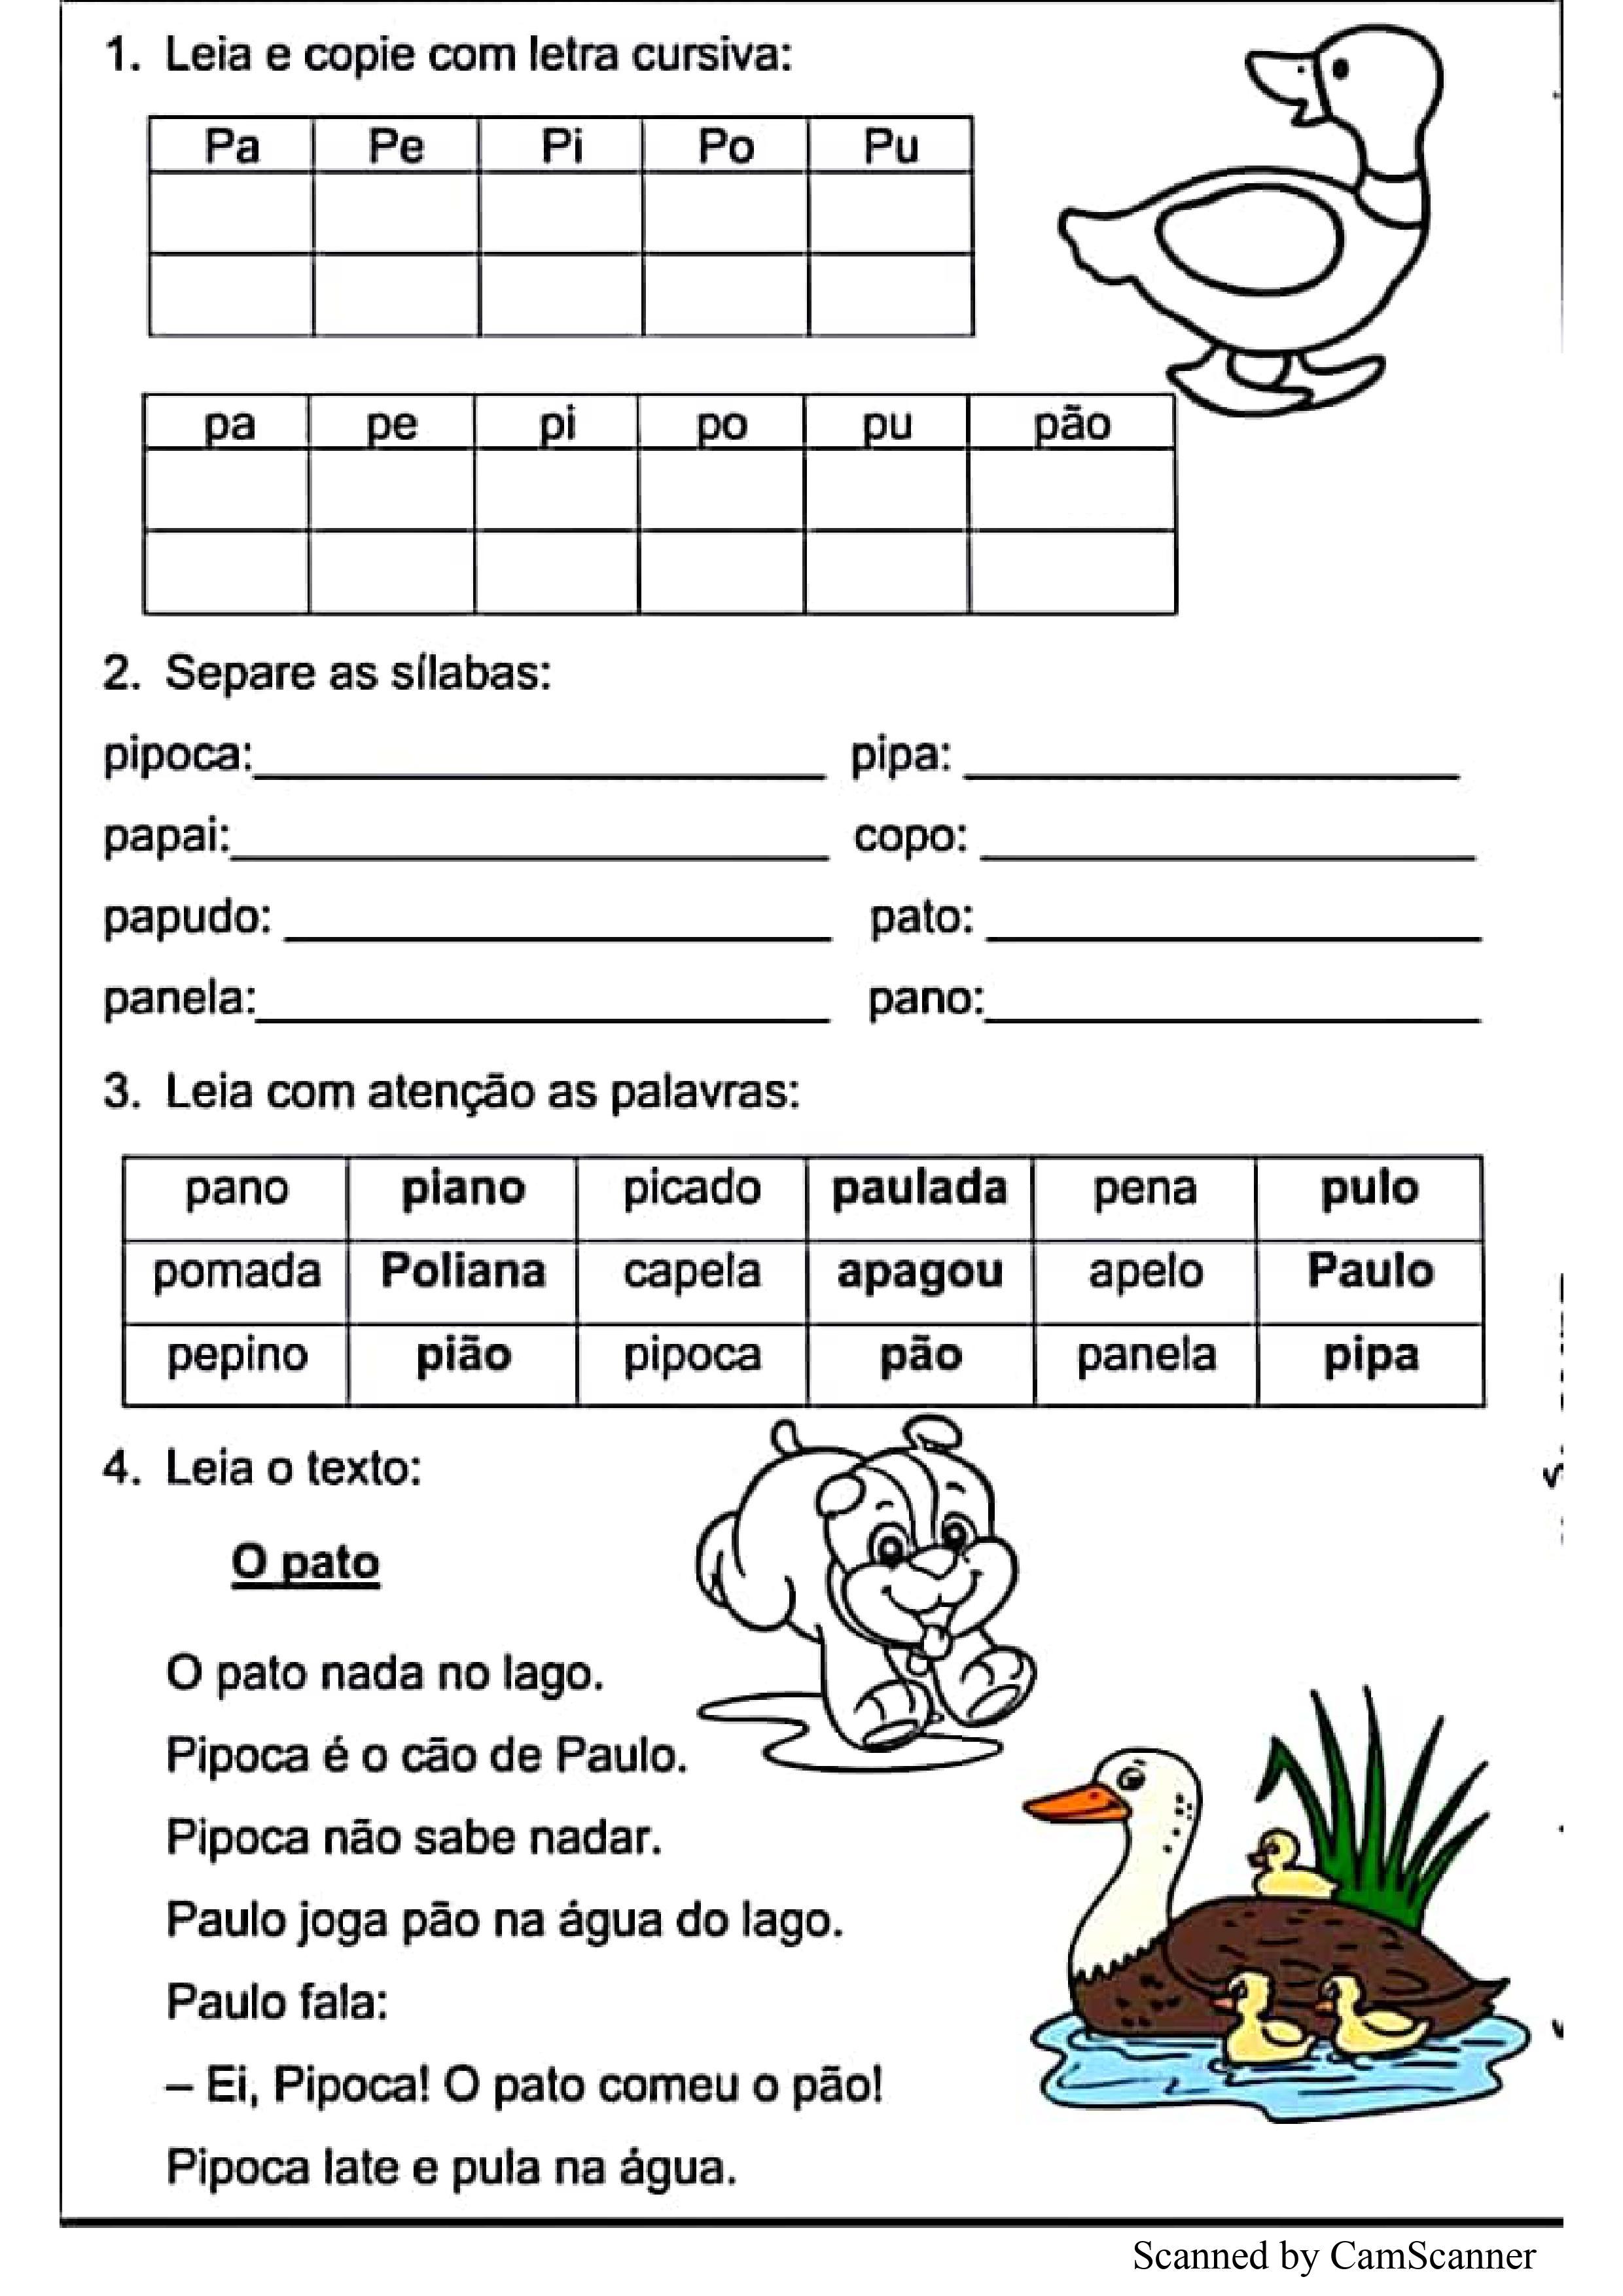 atividade_para_o_2°_ano-11